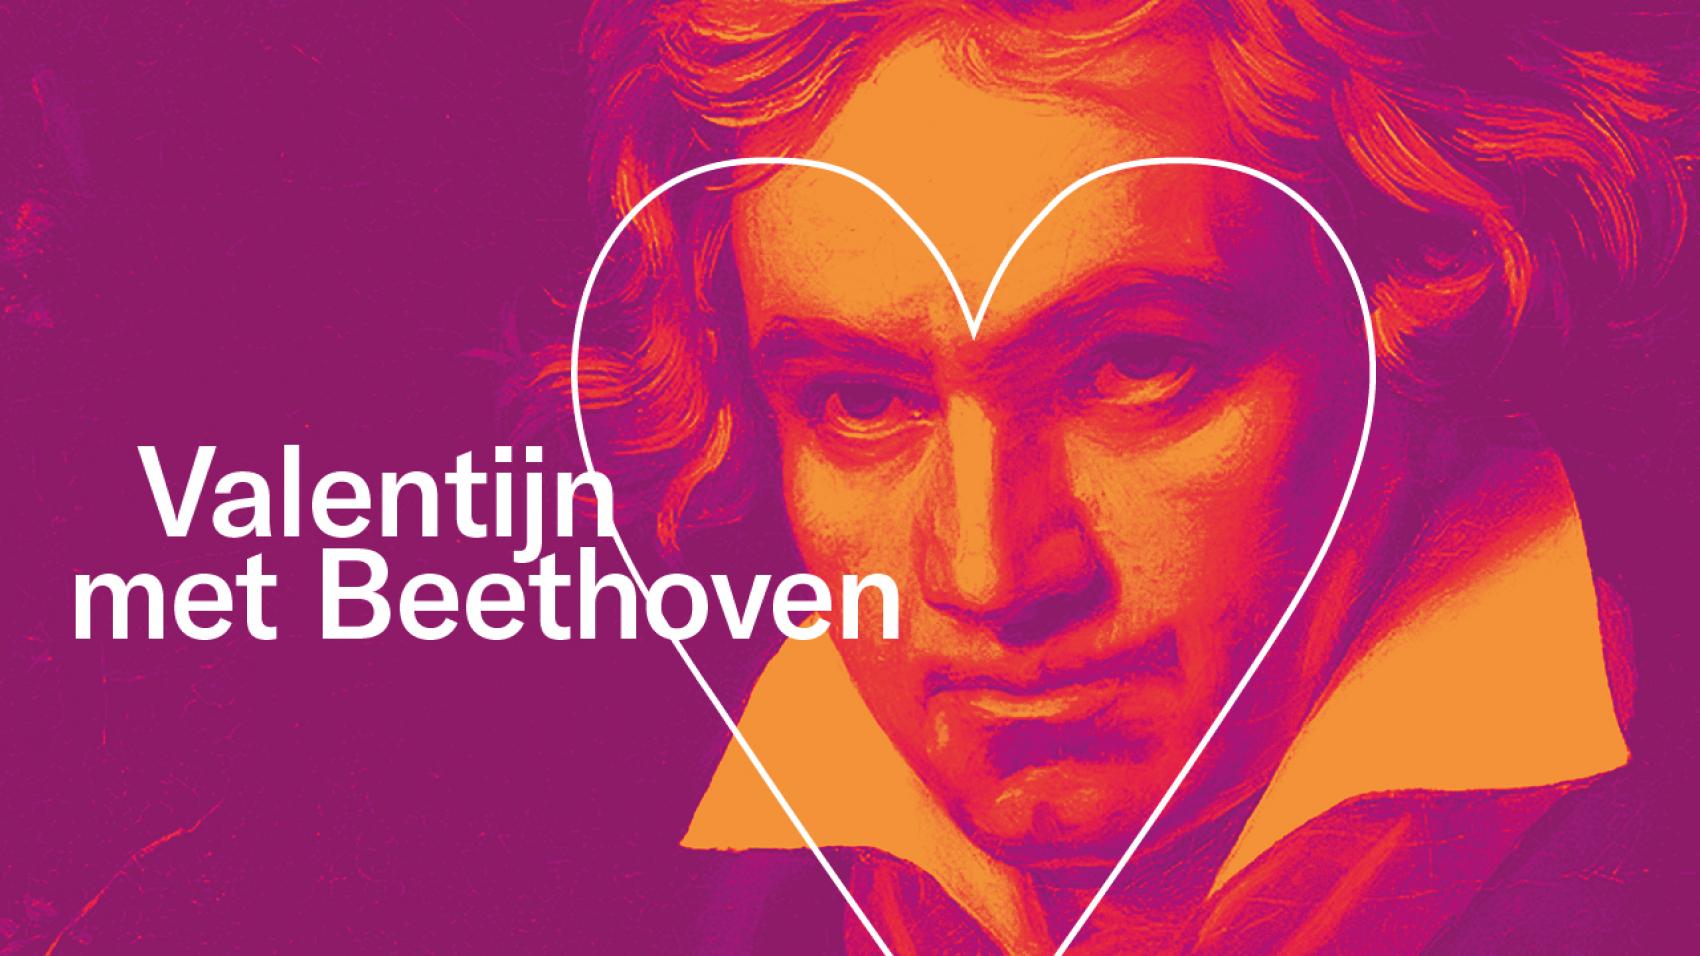 Valentijn met Beethoven